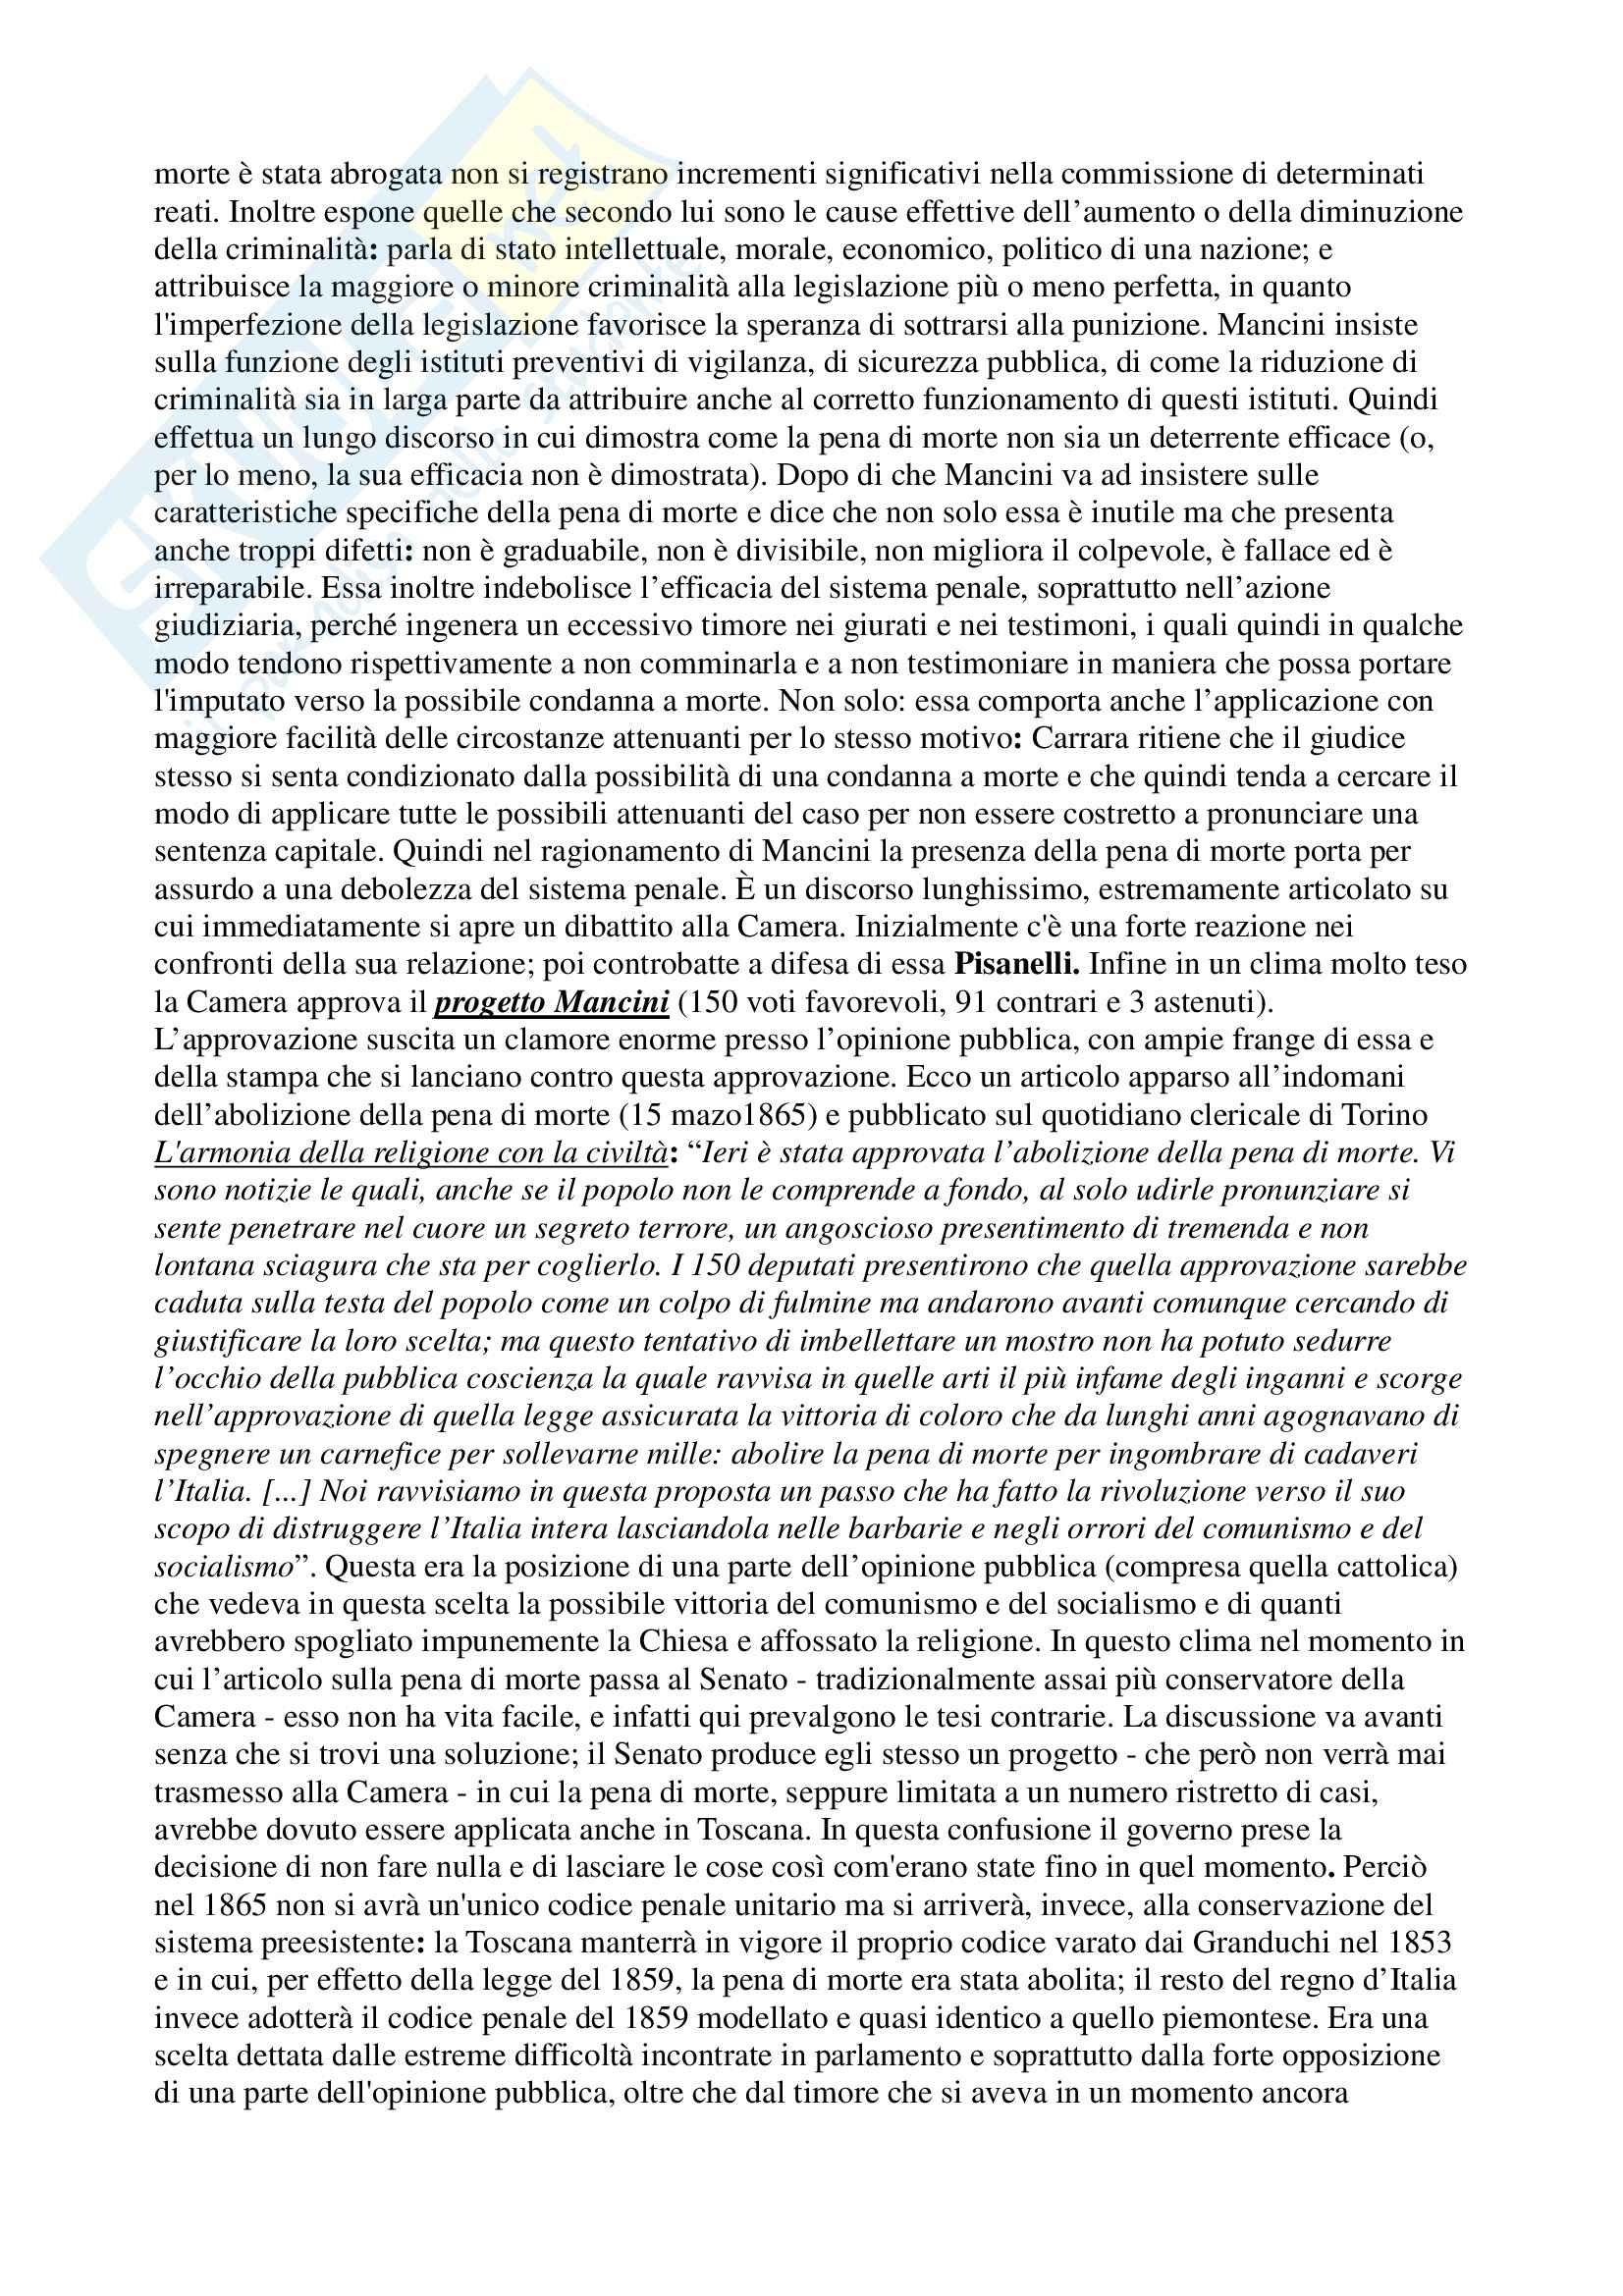 Storia delle codificazioni e delle Costituzioni moderne - Lezioni Pag. 106